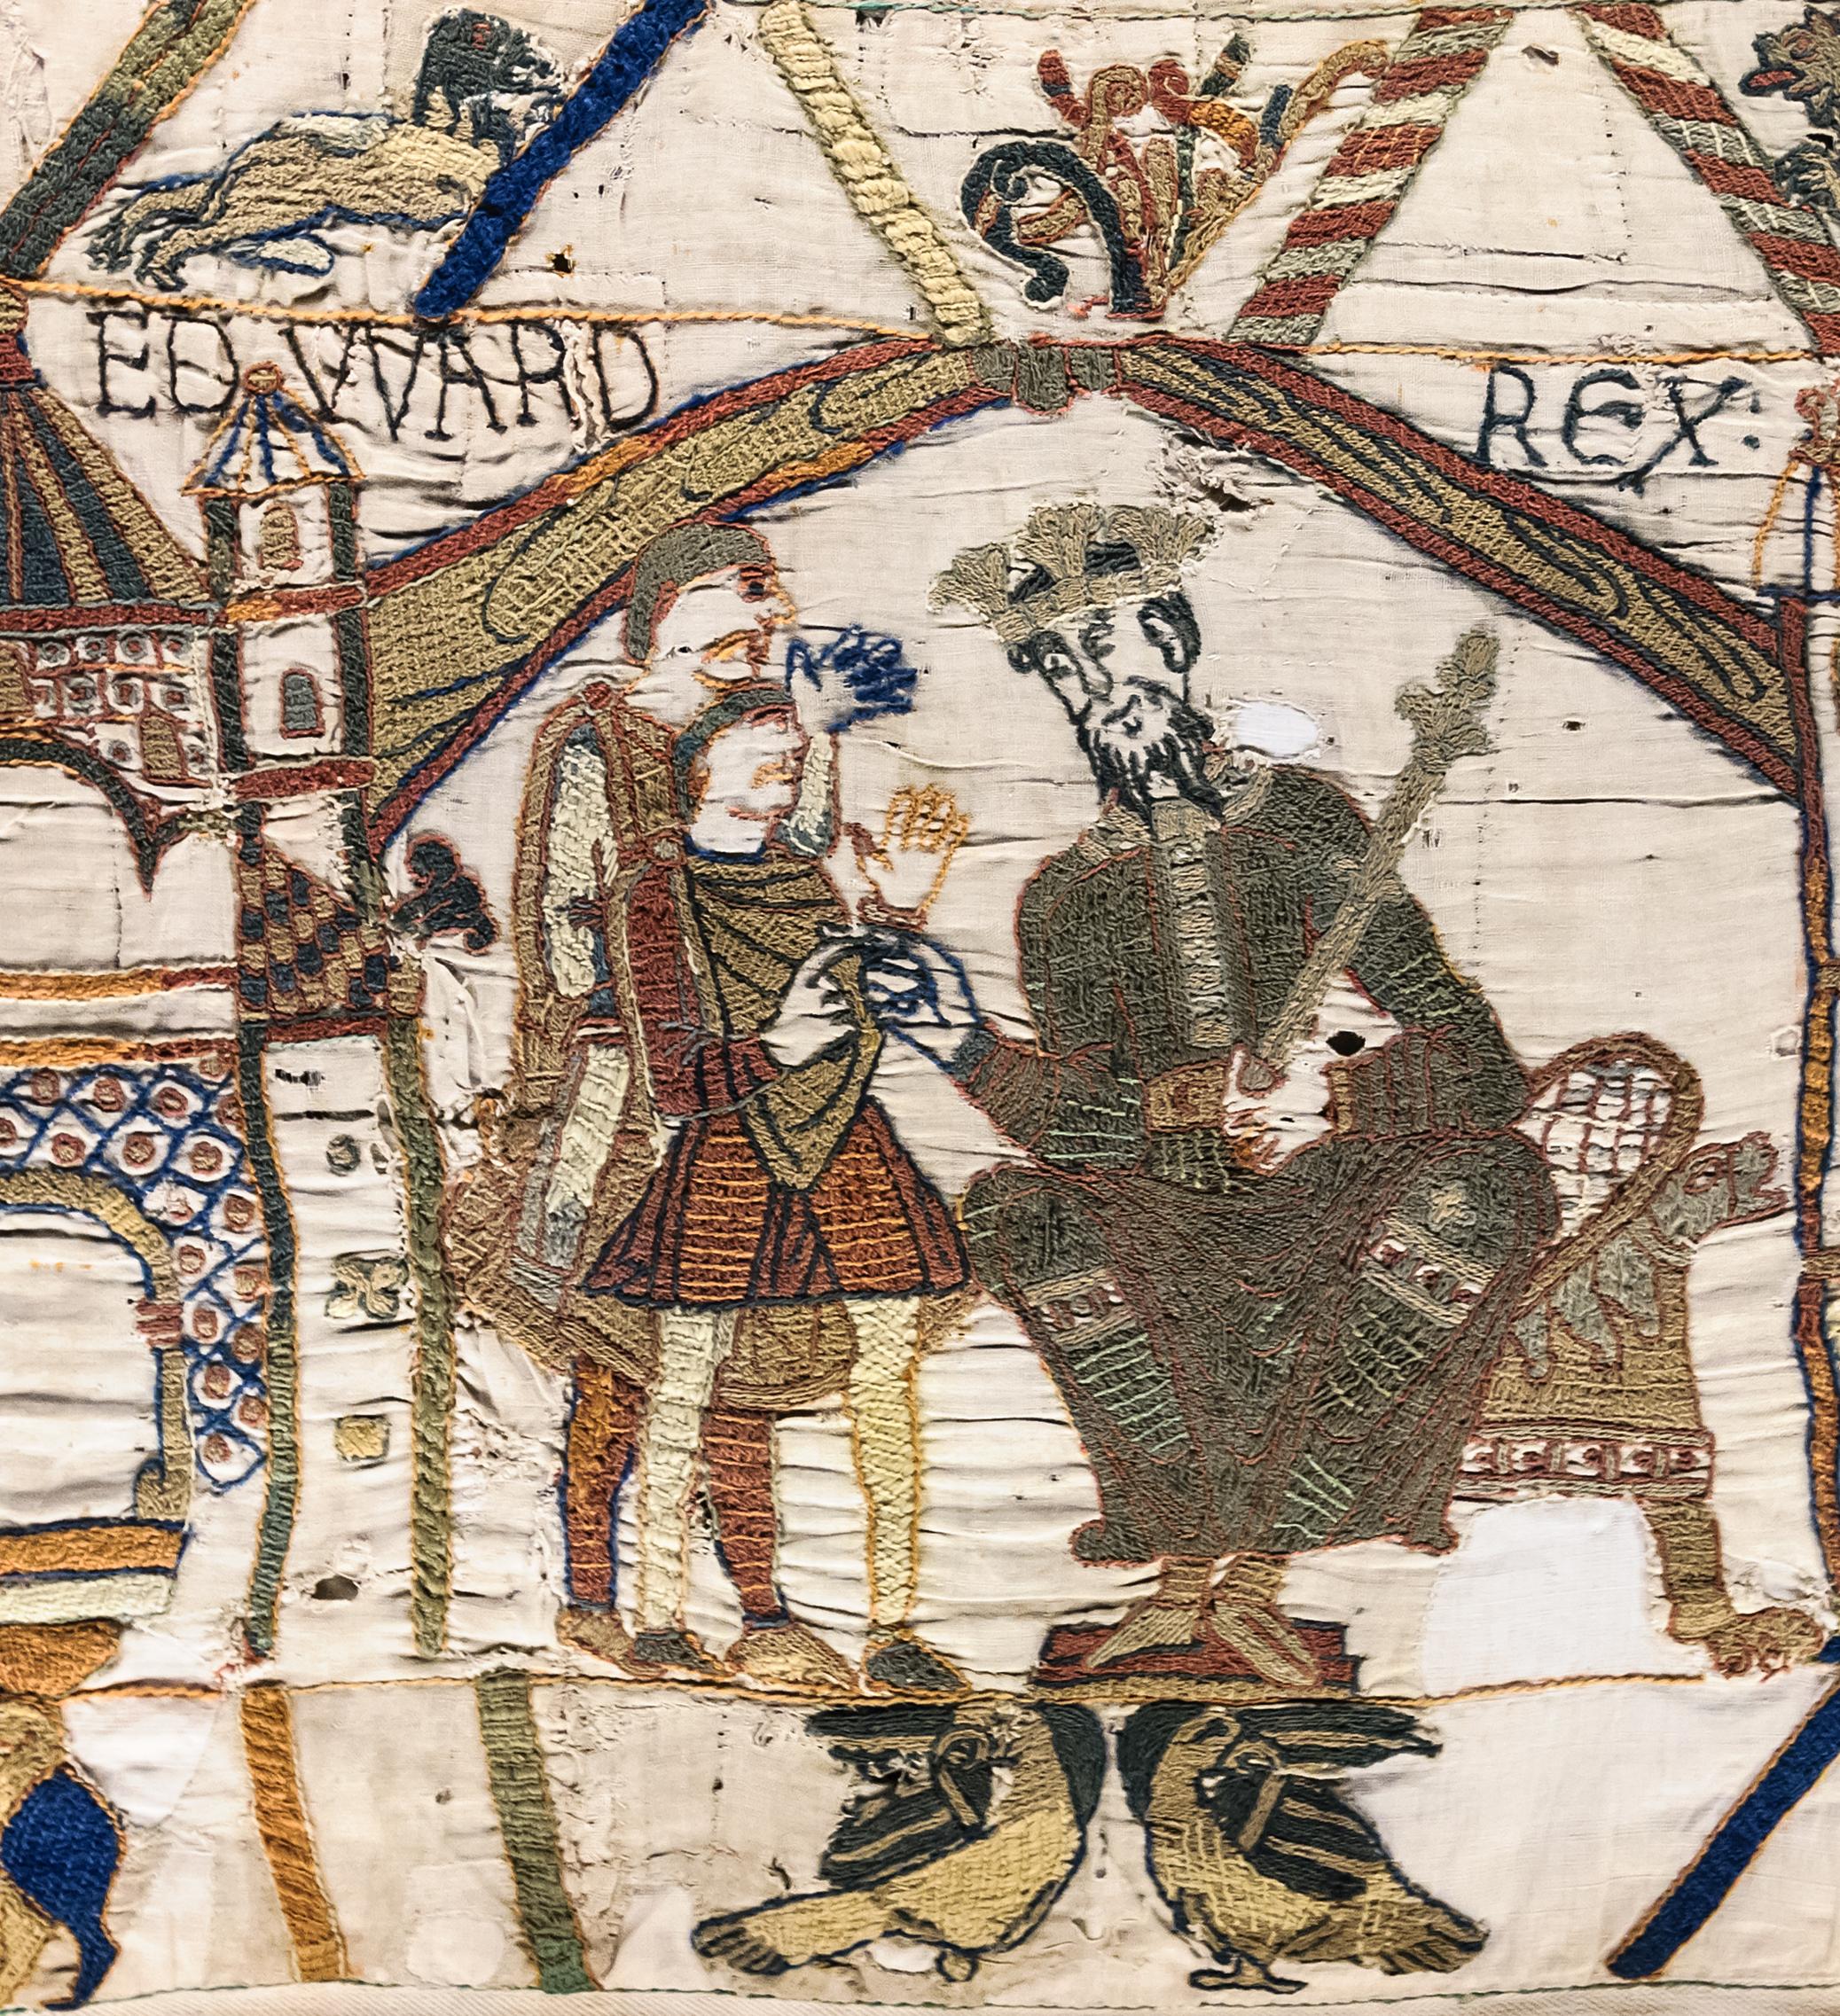 Eduardo el Confesor entronizado, según el Tapiz de Bayeux